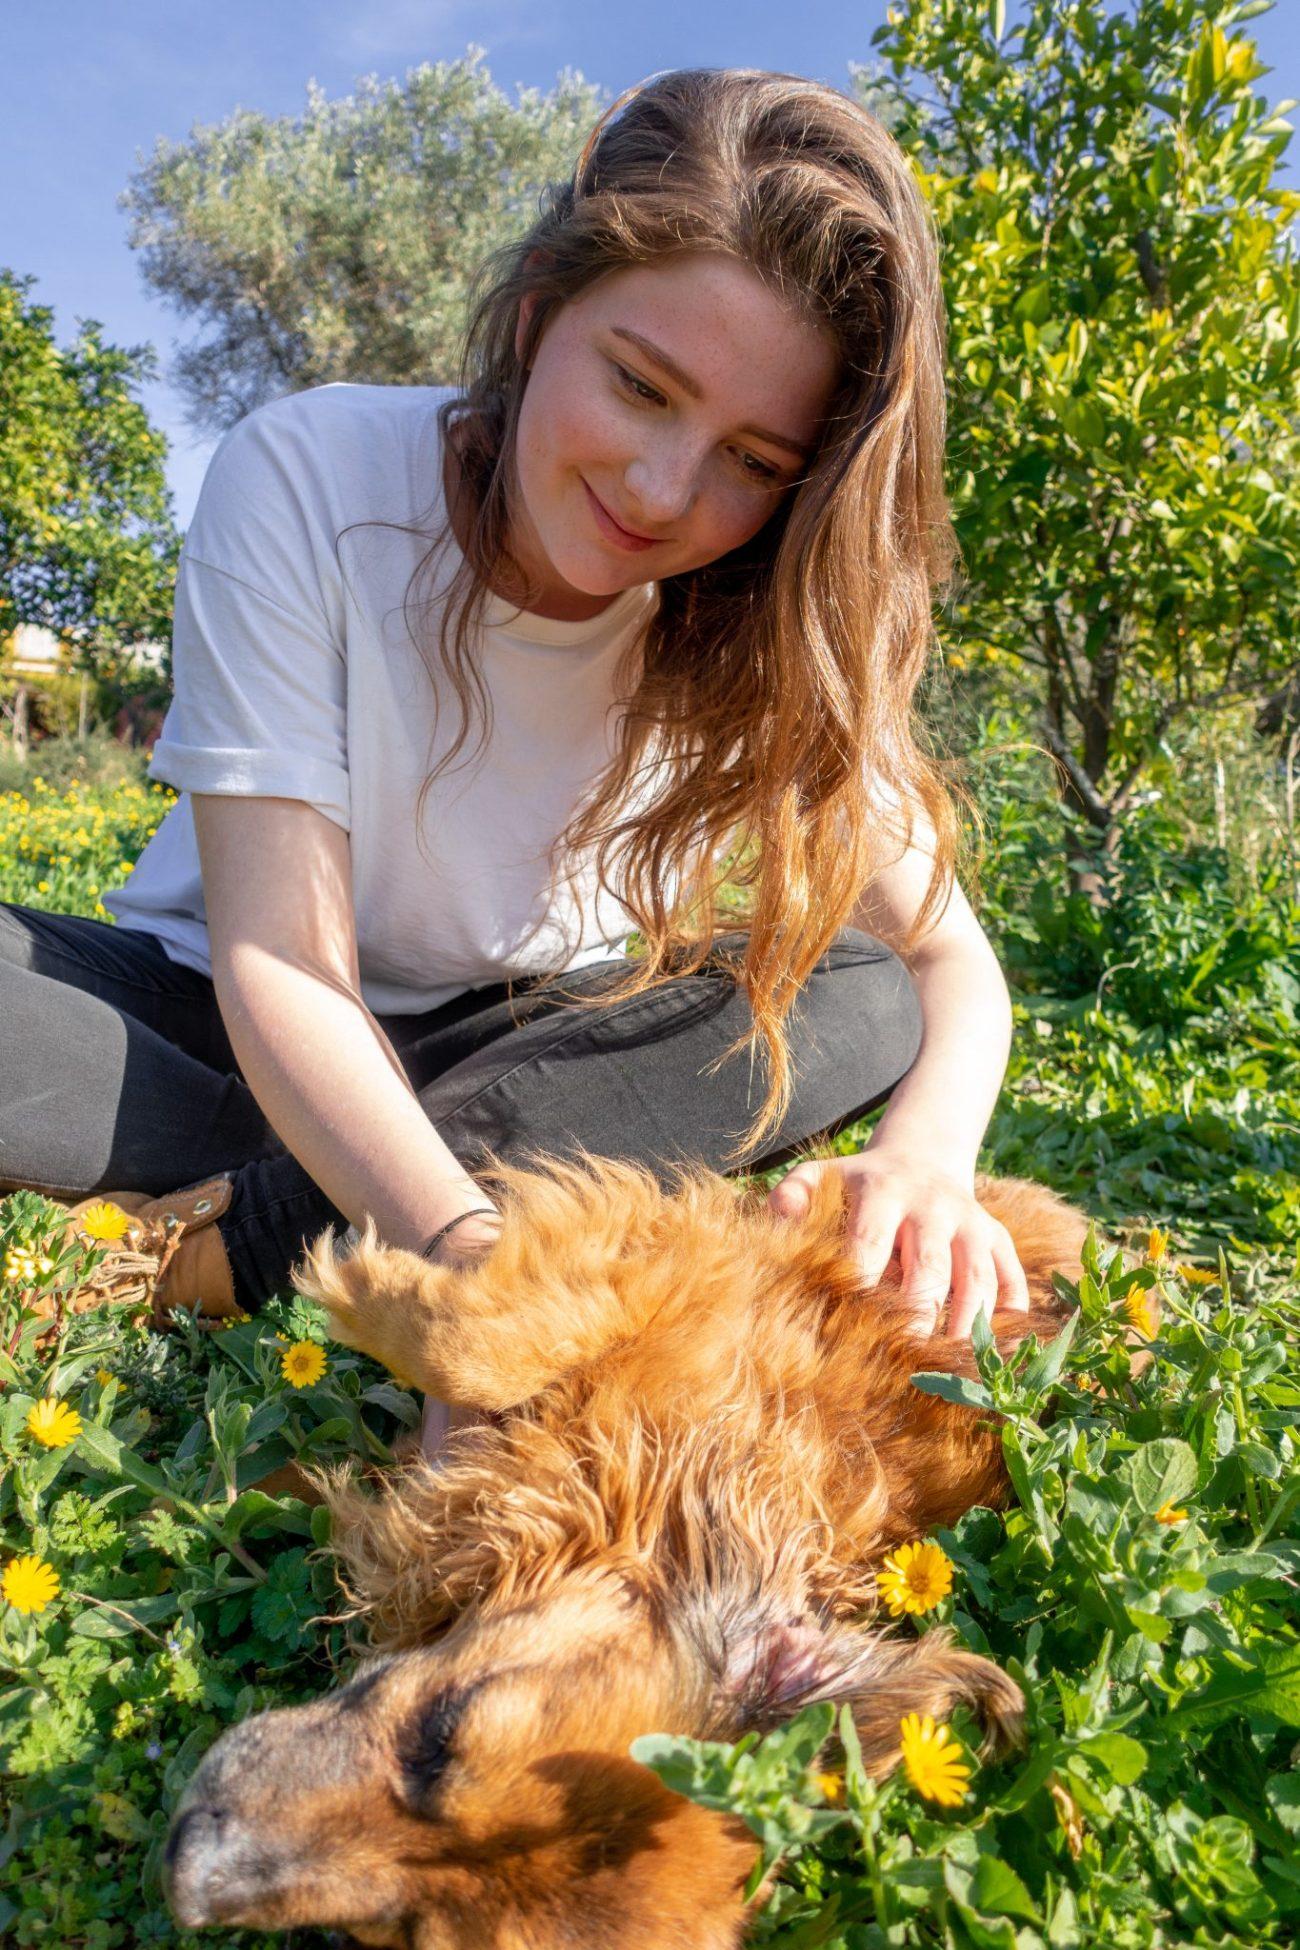 housesitting-guide-kostenlos-wohnen-andalusien-hund